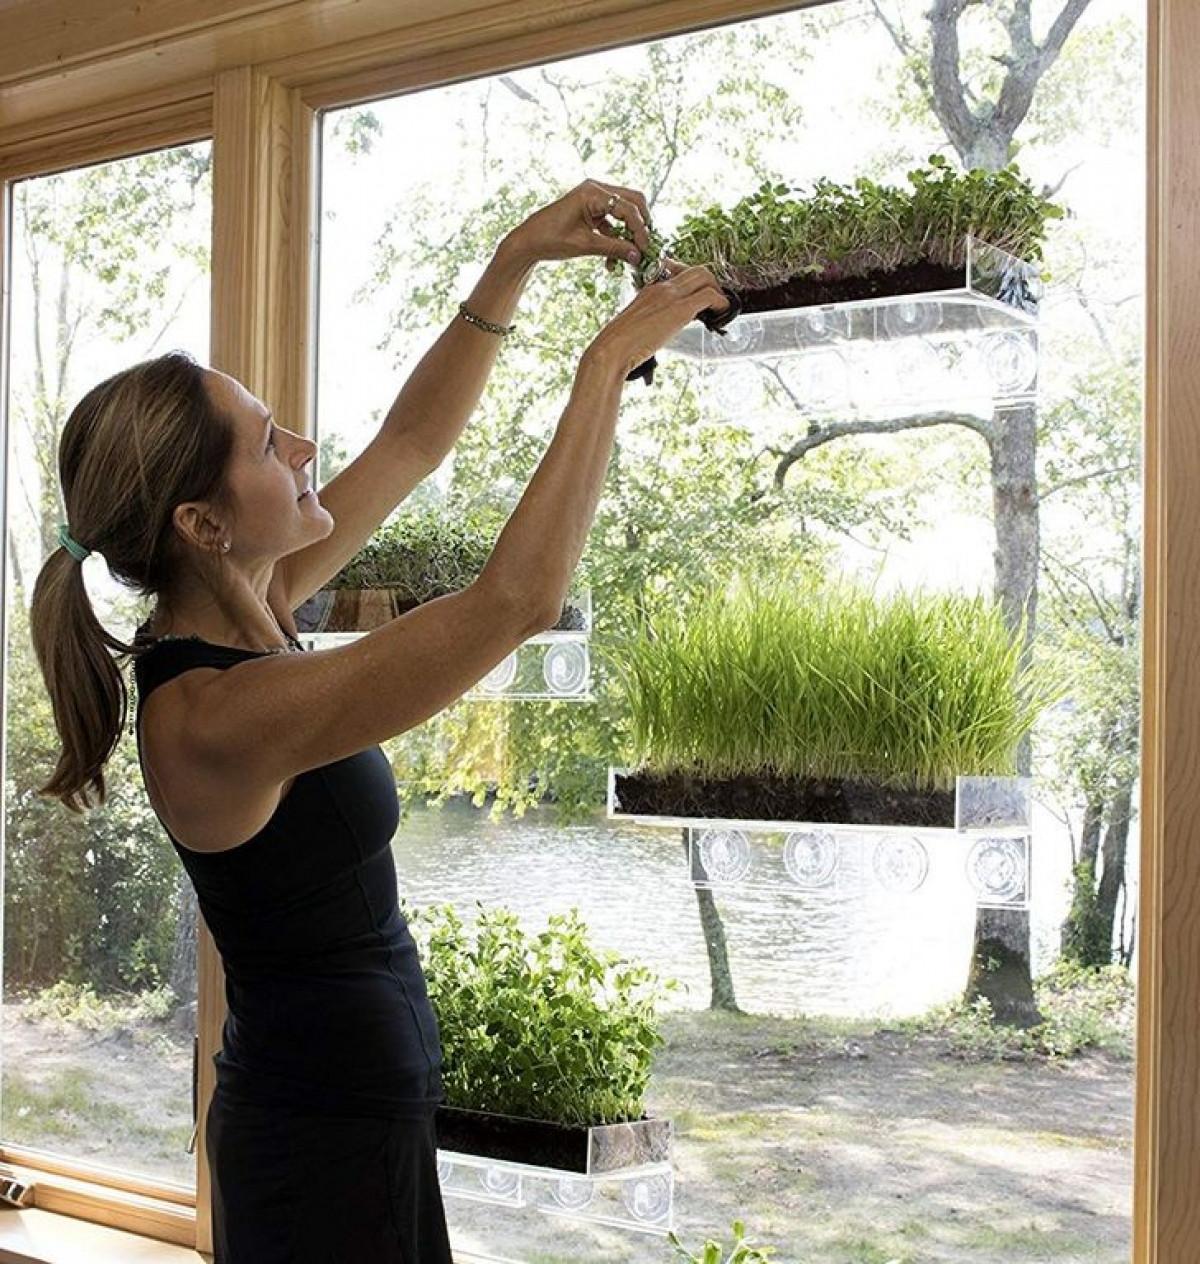 Bạn có thể tạo ra một khu vườn nhỏ trong nhà trên chính kệ cửa sổ.